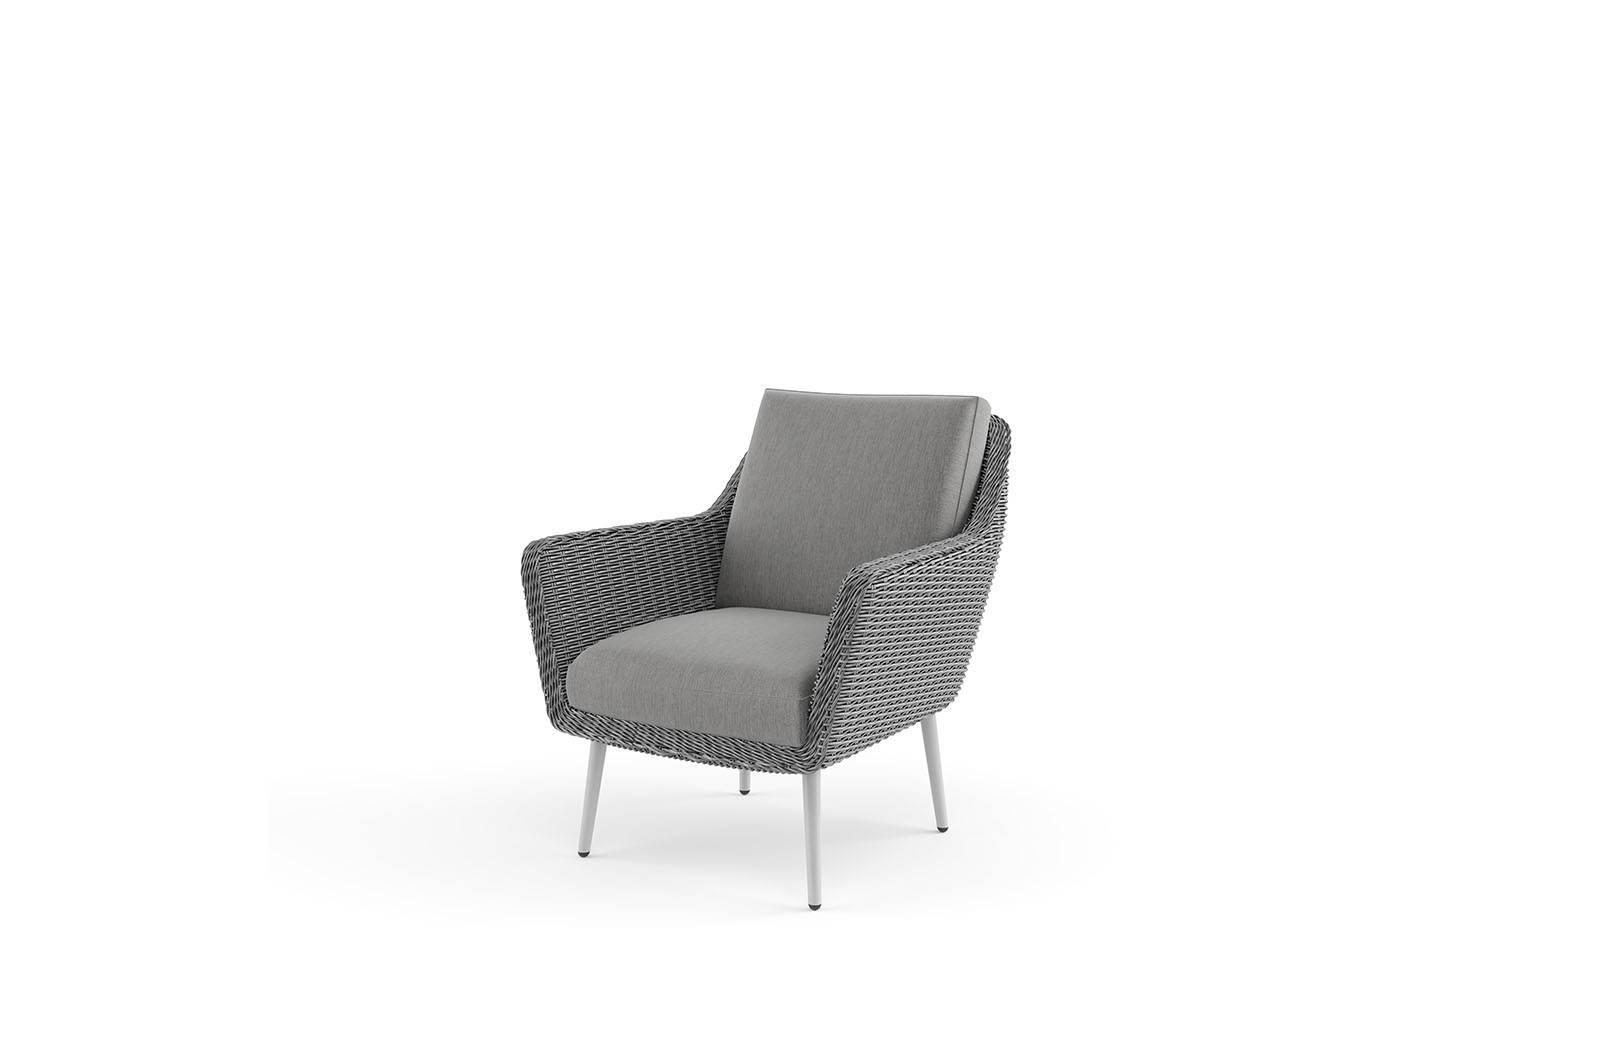 Záhradná ratanová sedacia súprava MONZA royal sivá